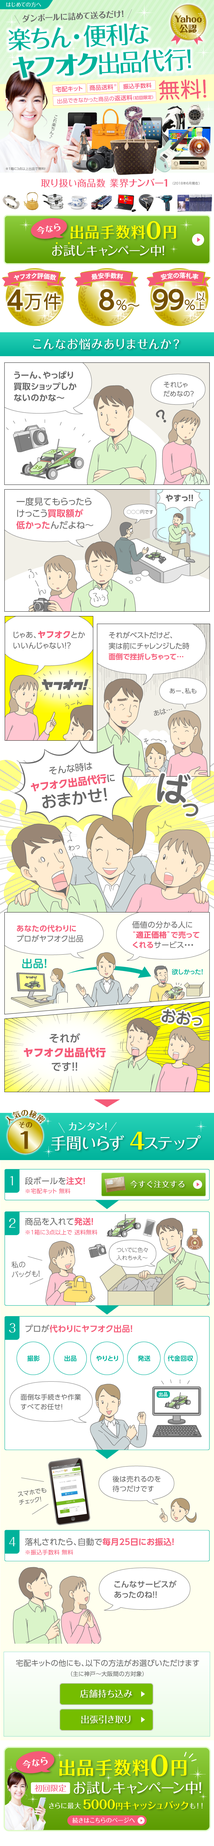 ヤフオク代行!ホームページに差し込む漫画LP 上 WEB用マンガ制作